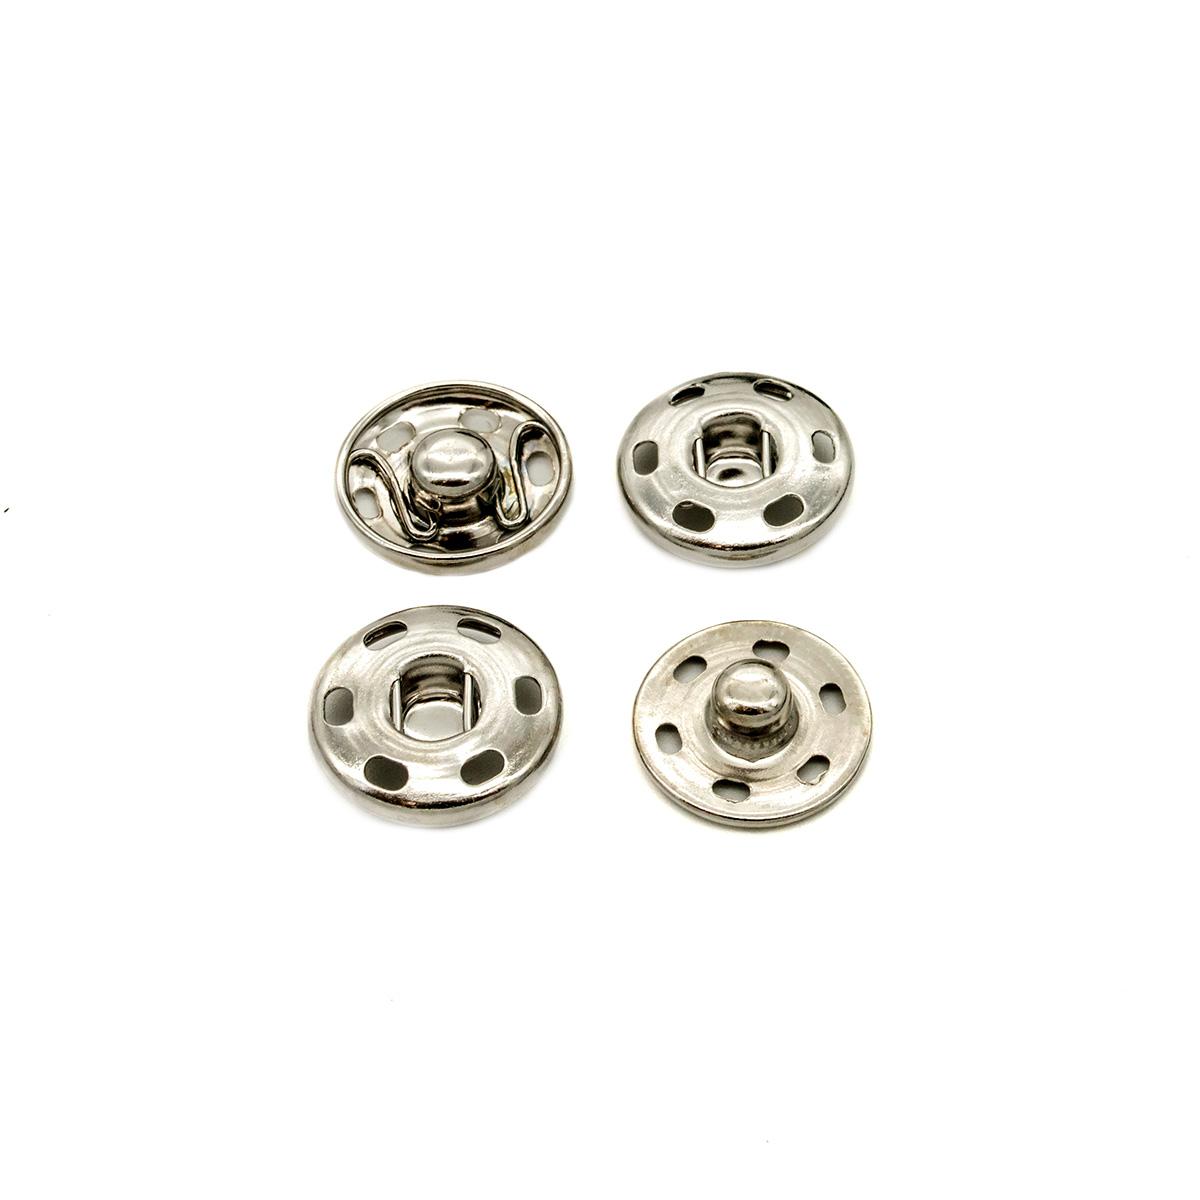 512118 Кнопки для легких тканей пришивные, никель, d 16 мм, упак./10 компл., Hobby&Pro